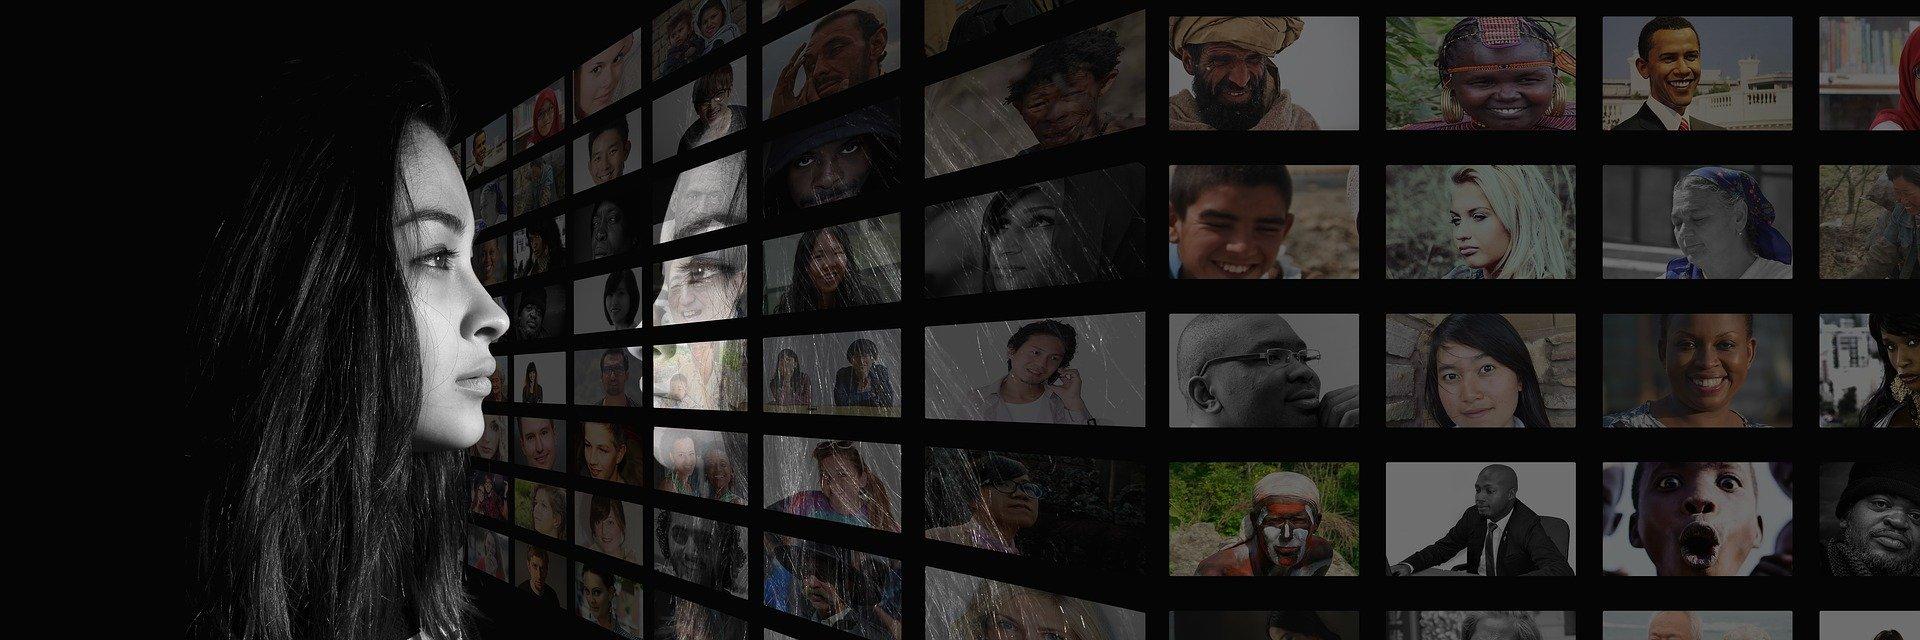 Kuvassa henkilö katsoo näyttöseinää, jossa on monien ihmisten kasvokuvat ruudulla.